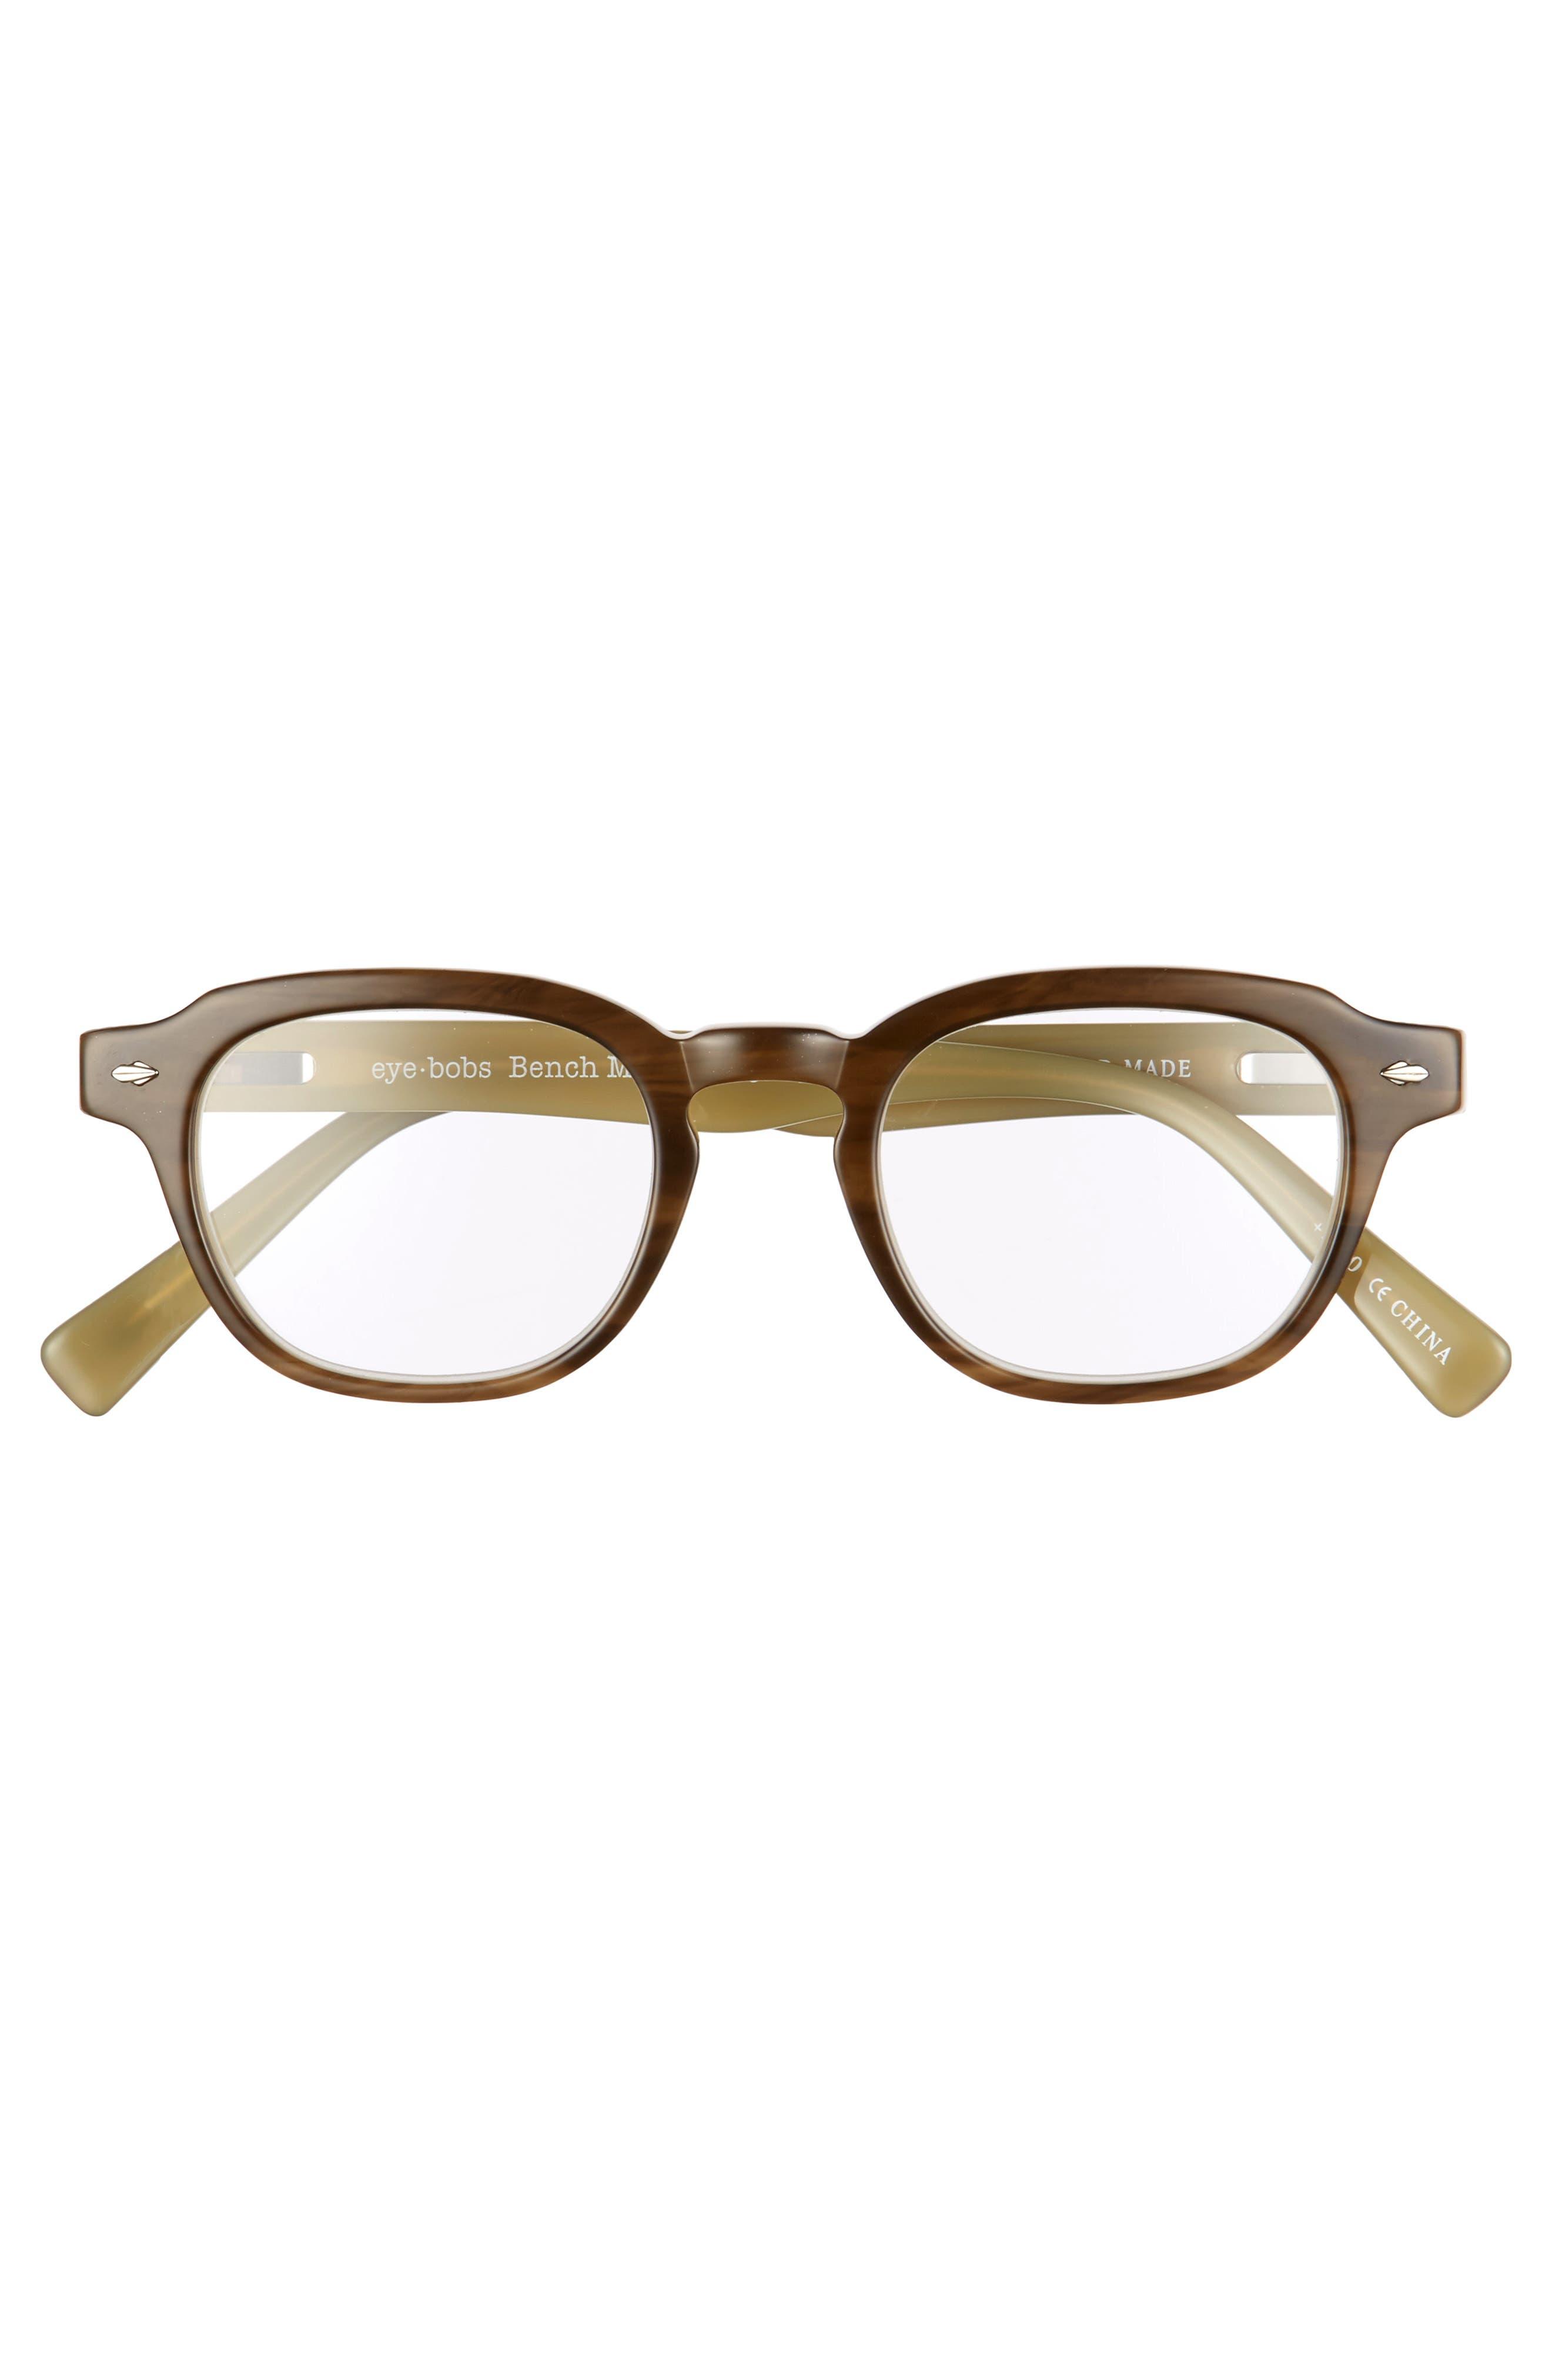 Bench Mark 46mm Reading Glasses,                             Alternate thumbnail 2, color,                             KHAKI GREEN